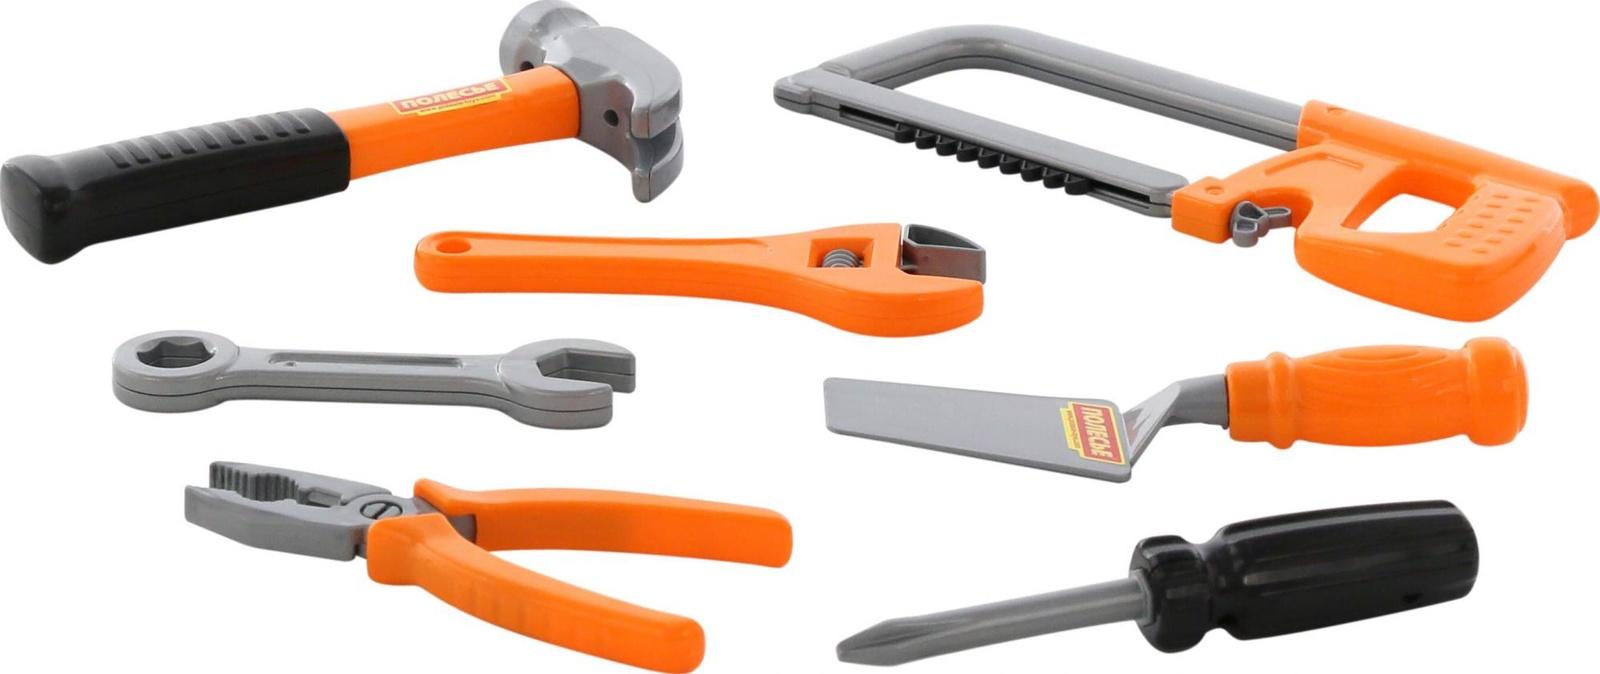 Набор инструментов Polesie №14, 59291_PLS, оранжевый, серый, черный цена и фото